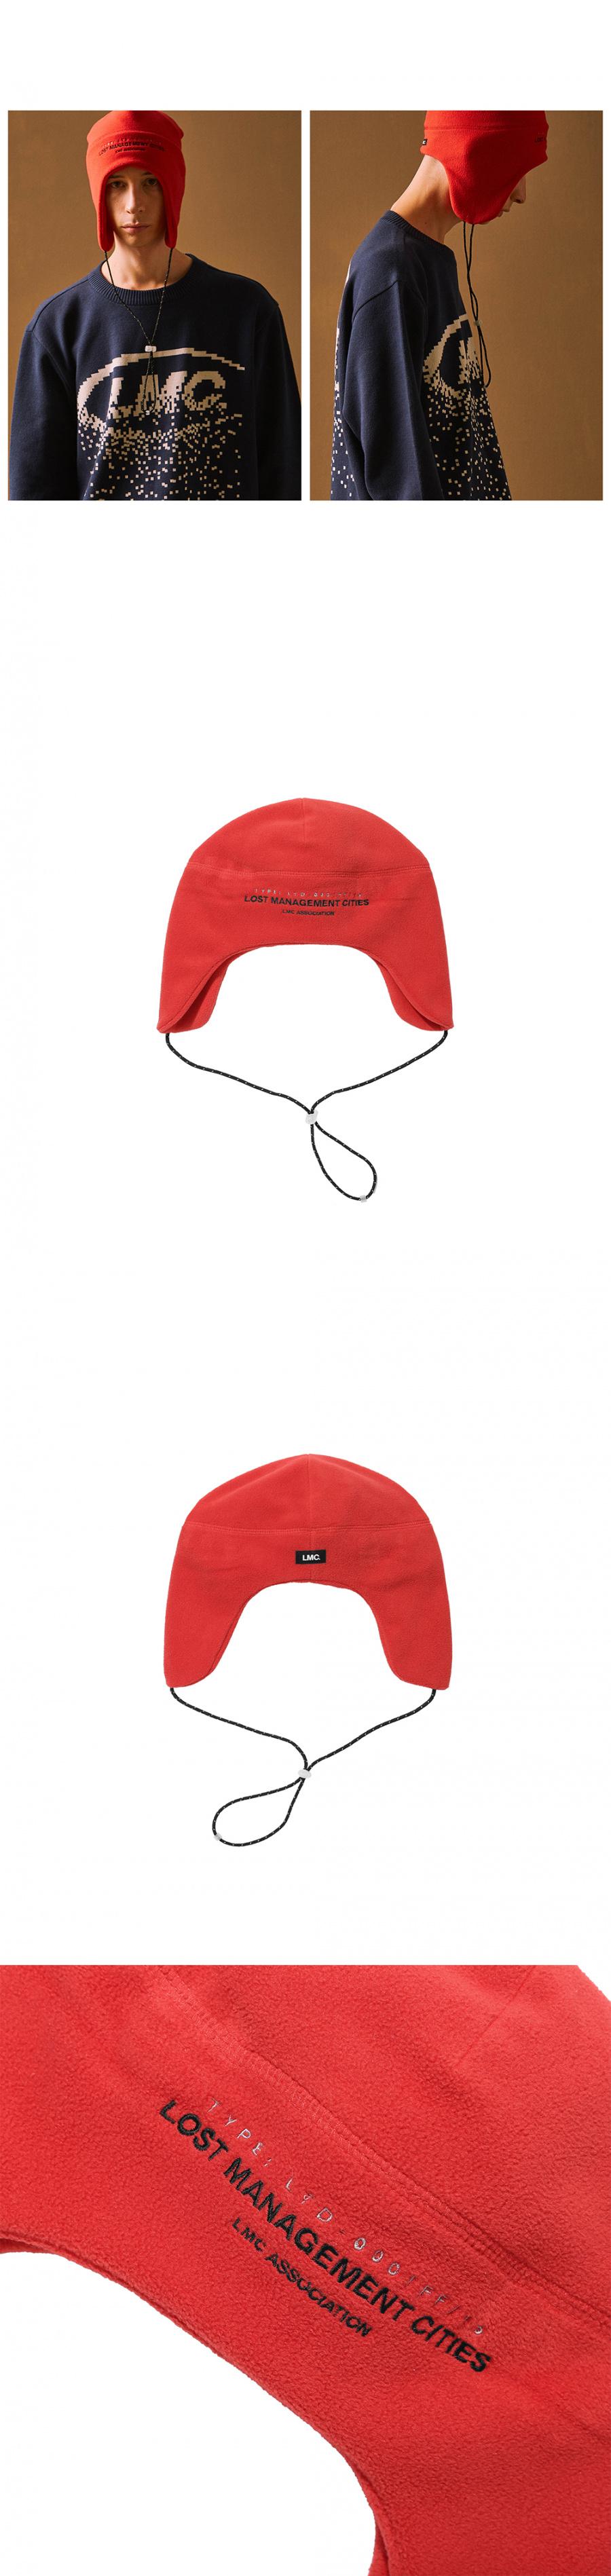 엘엠씨(LMC) LMC FLEECE EARFLAP BEANIE red